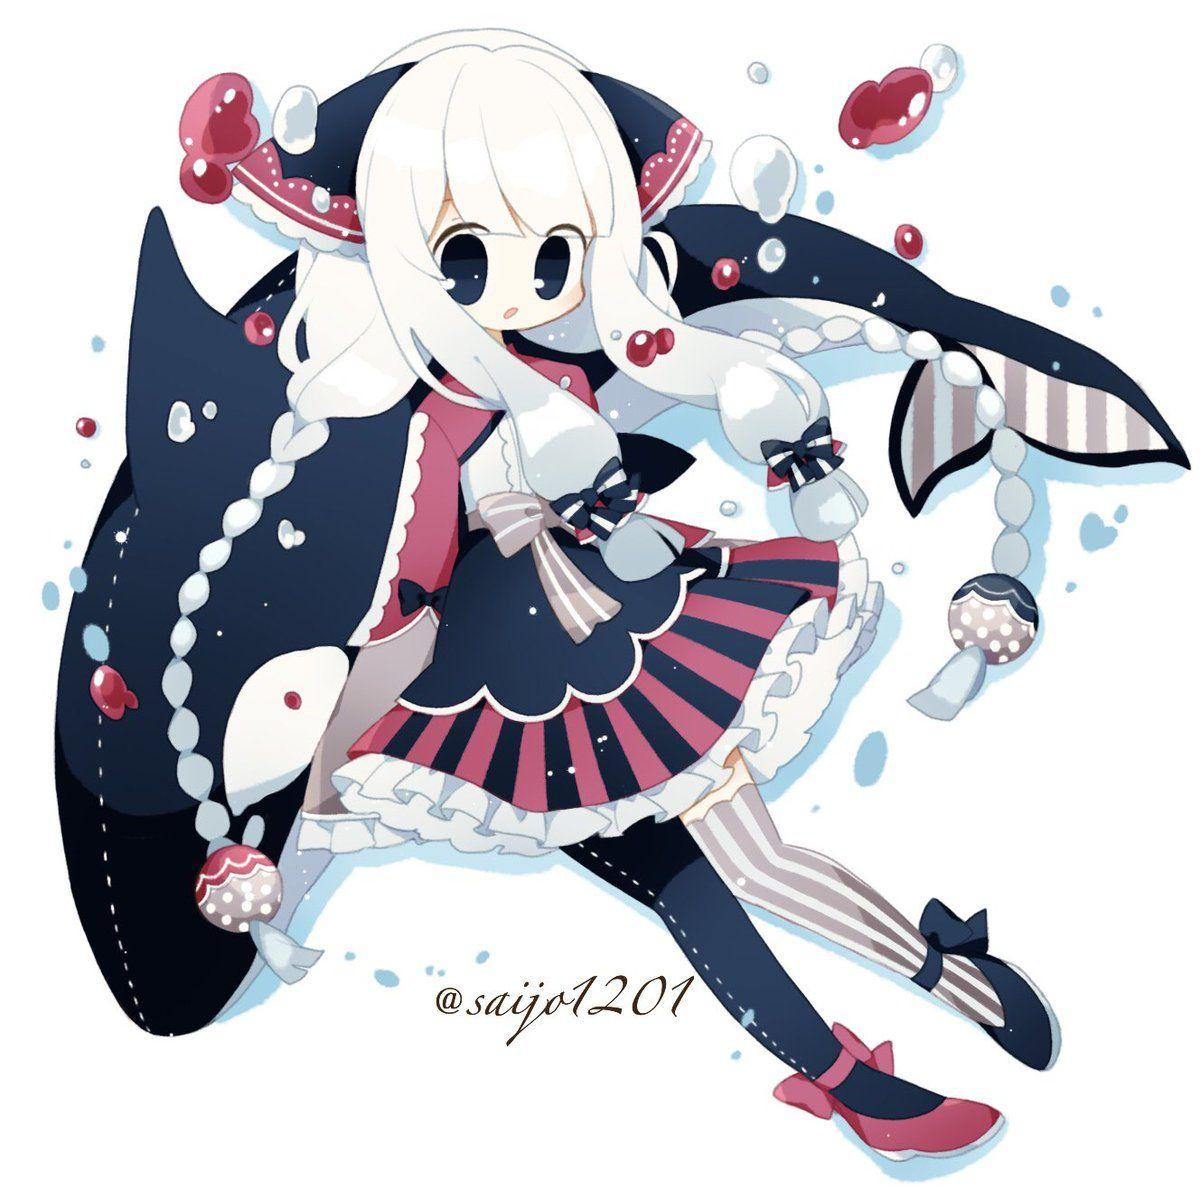 (1) あとさだ (human_canon) Twitter Anime, Cute, Art